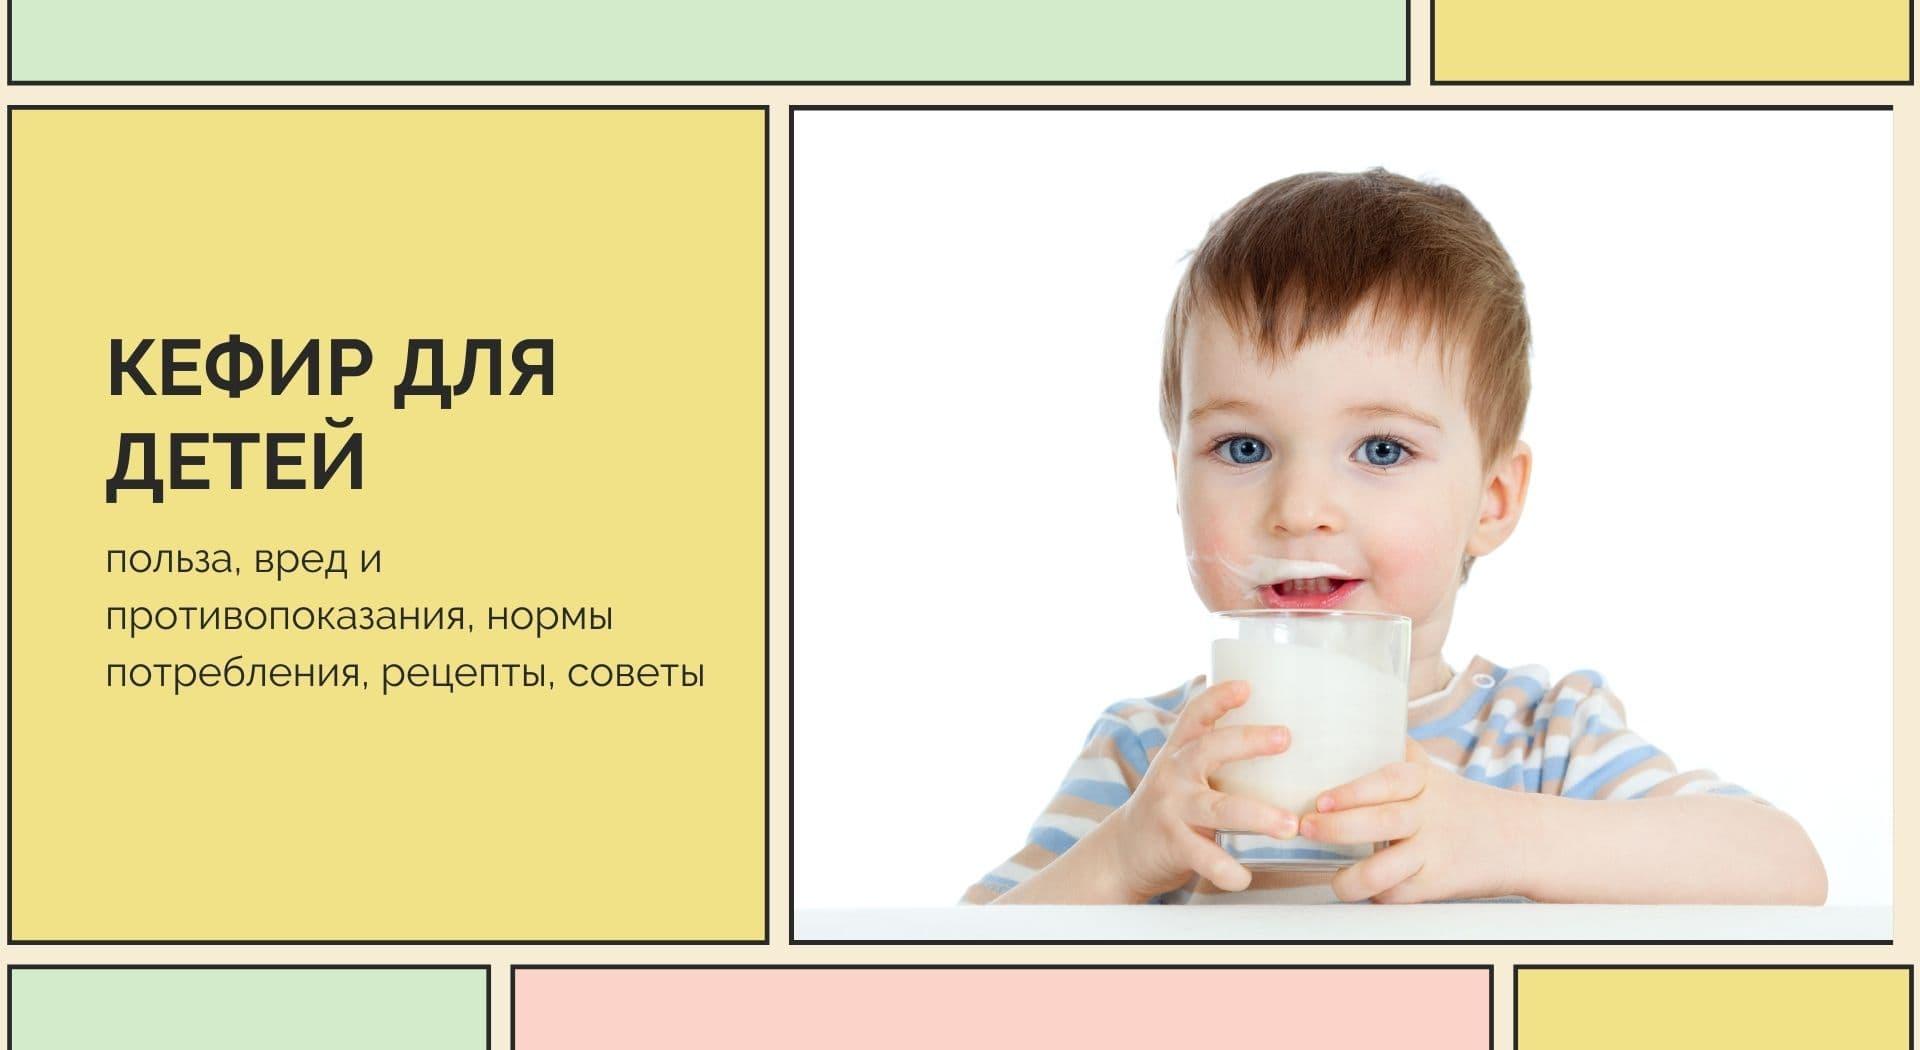 Кефир детям: польза, вред и противопоказания, нормы потребления, рецепты, советы